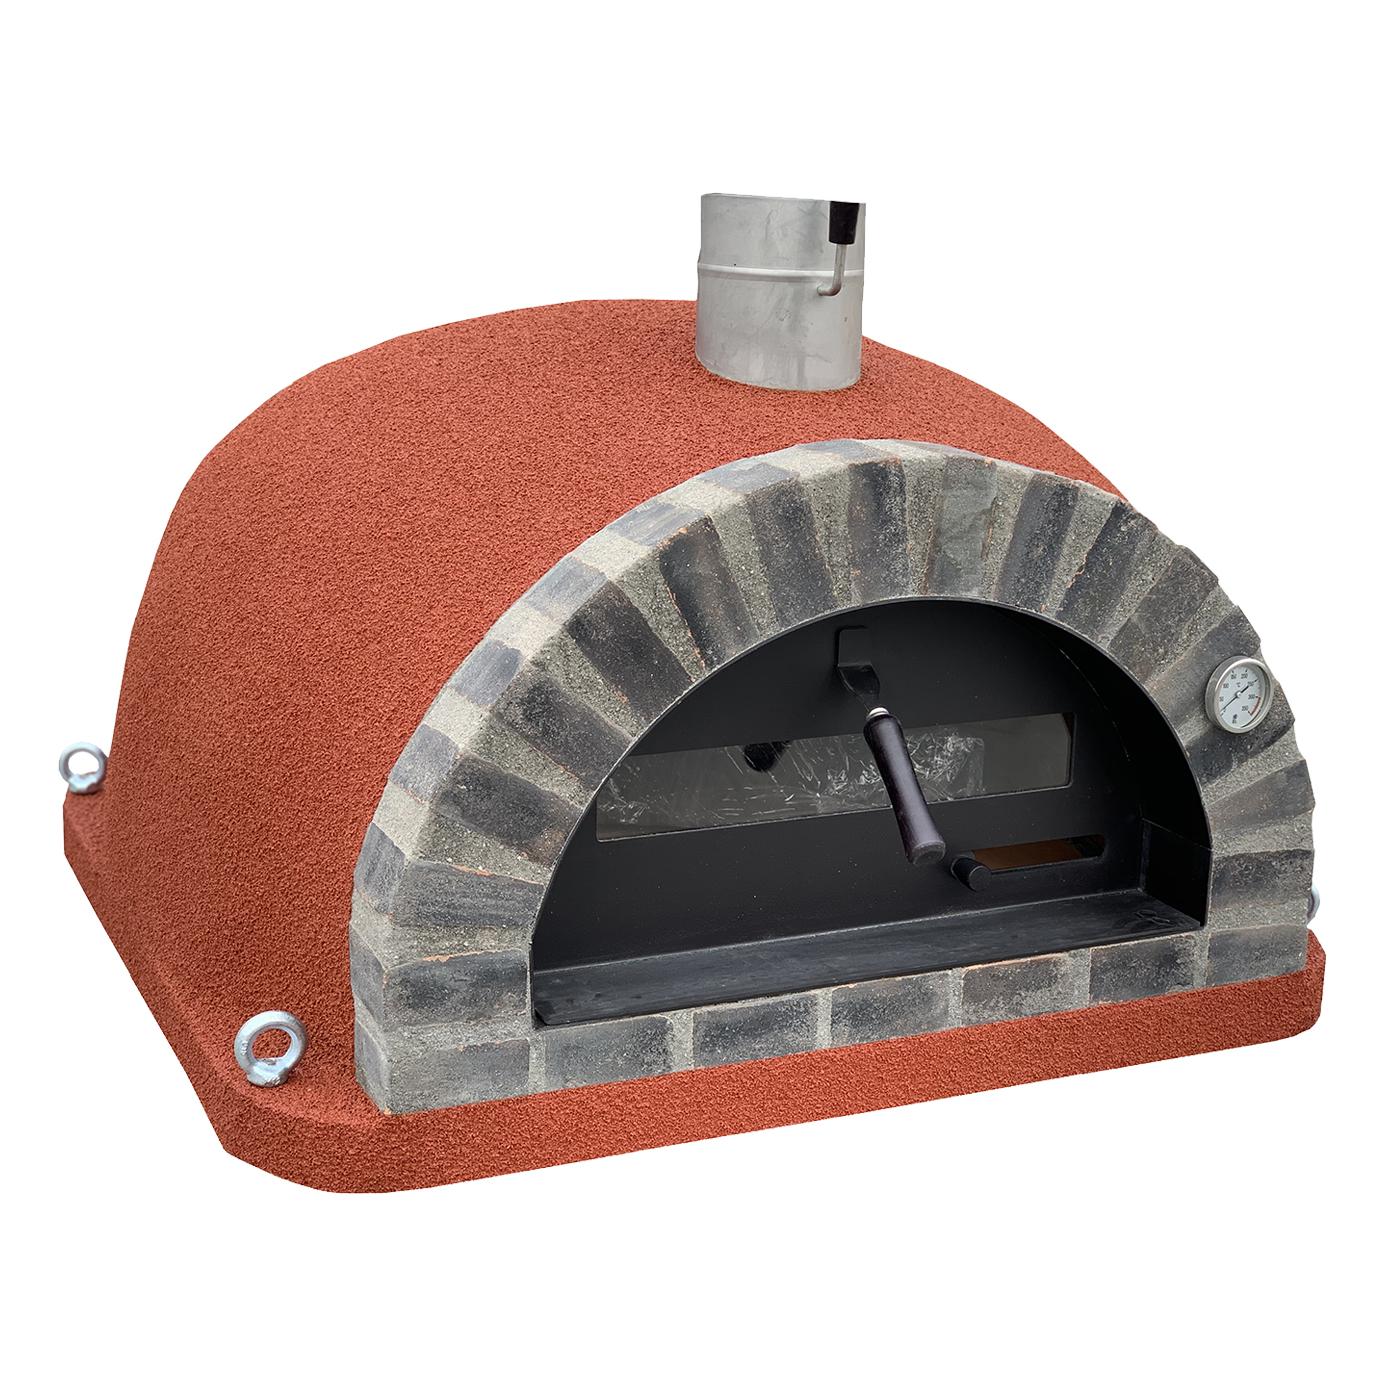 Pizzaugn | Vedugn | Stenugn Forno Deluxe röd med svart rustikt tegel